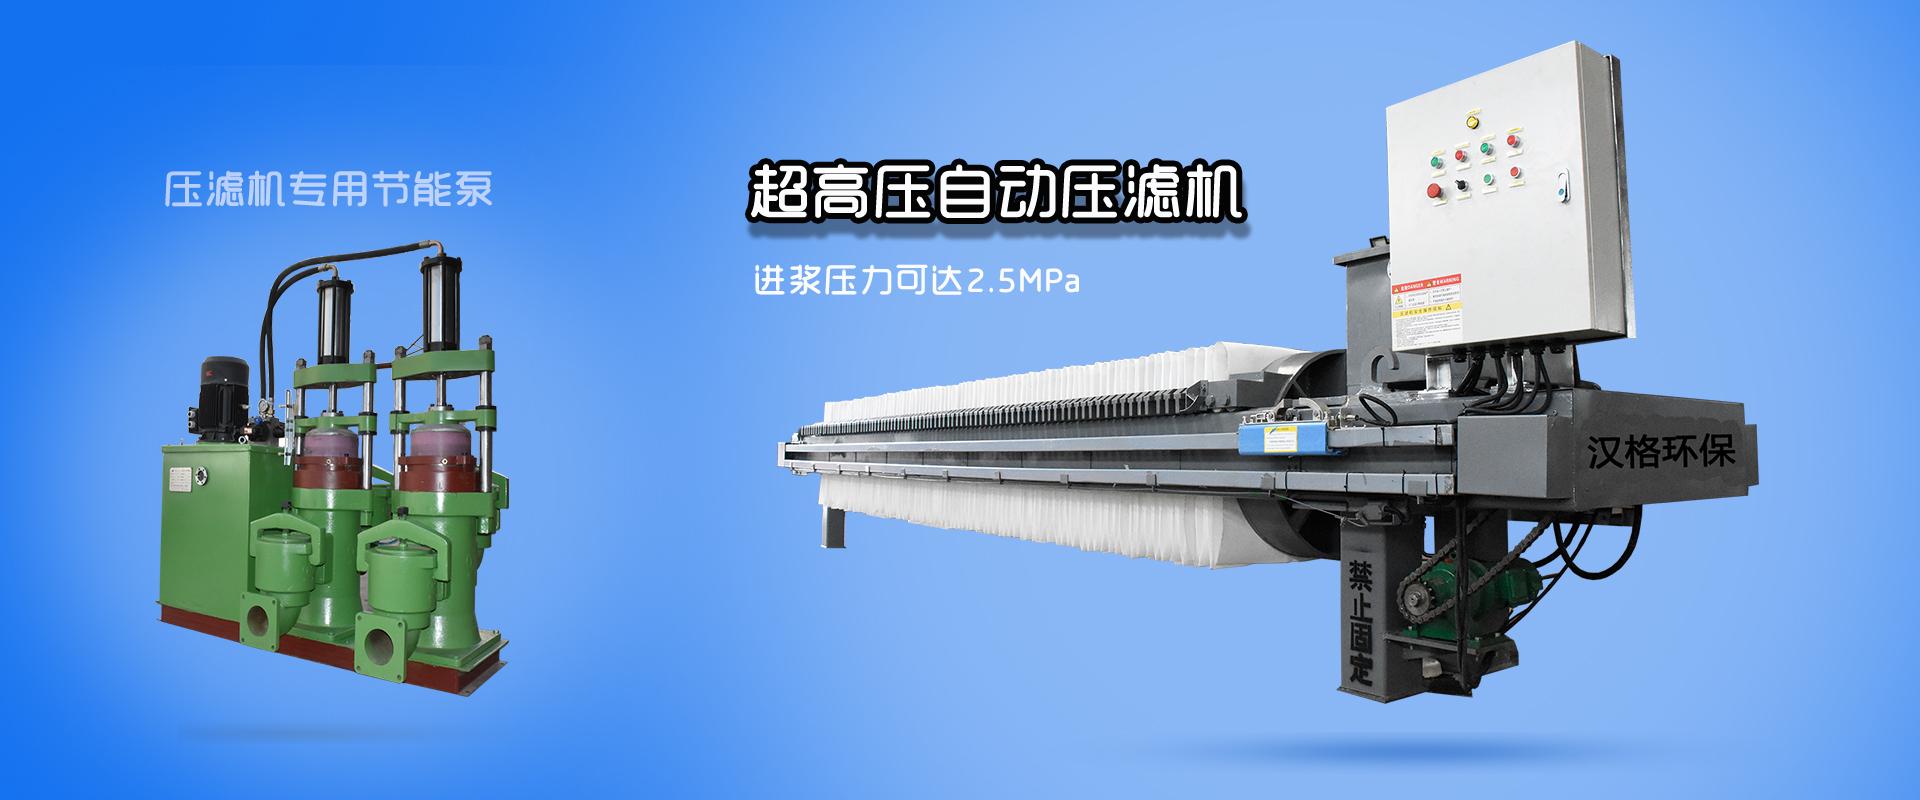 汉格环保压滤机和压滤机专用泵产品